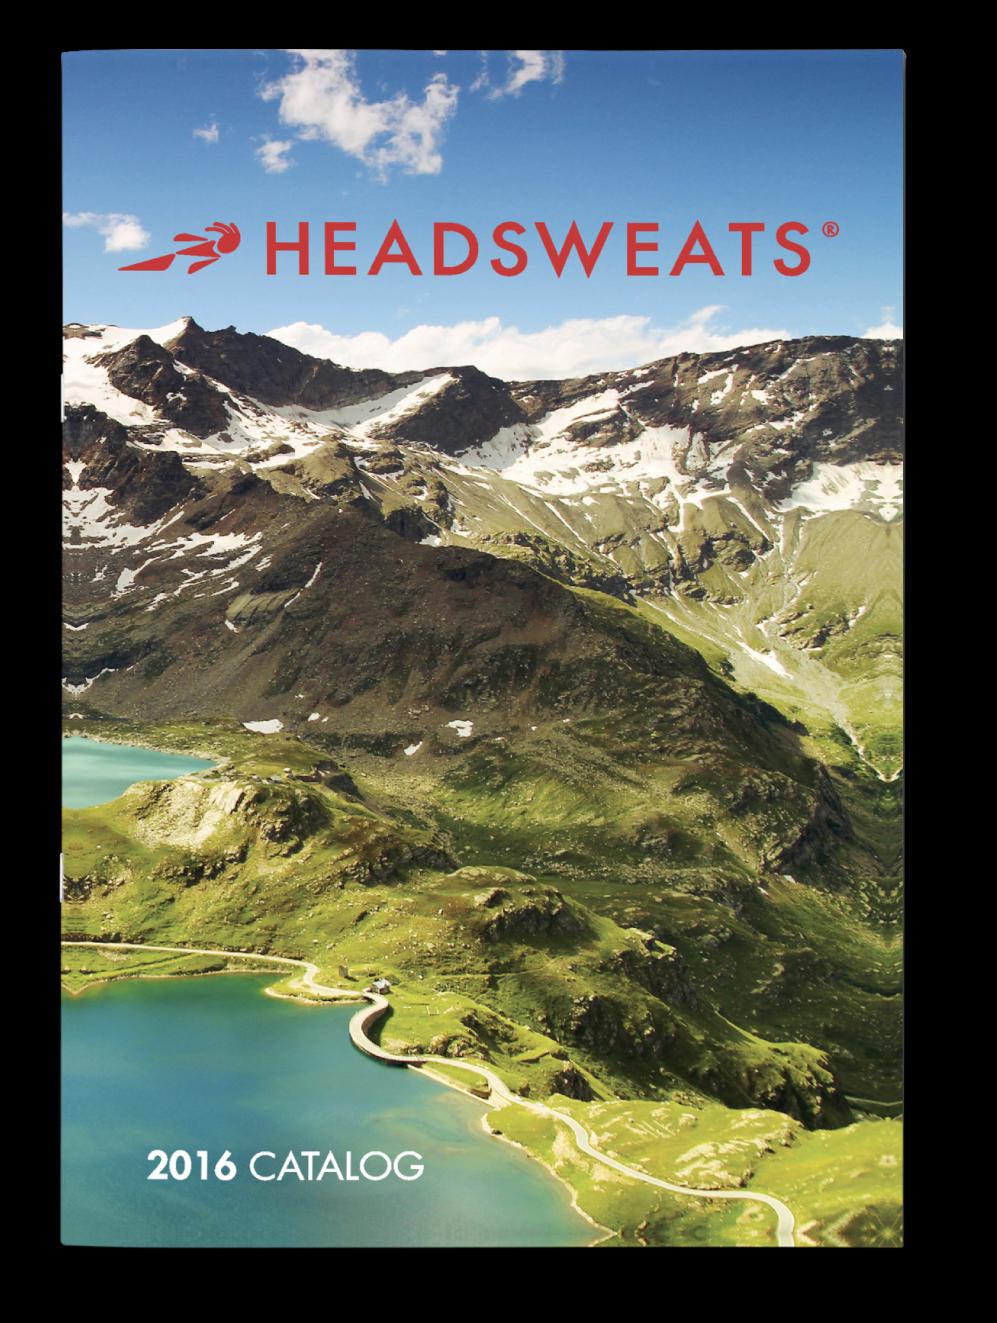 Headsweats_mockup-saddle-stitch-cover.png